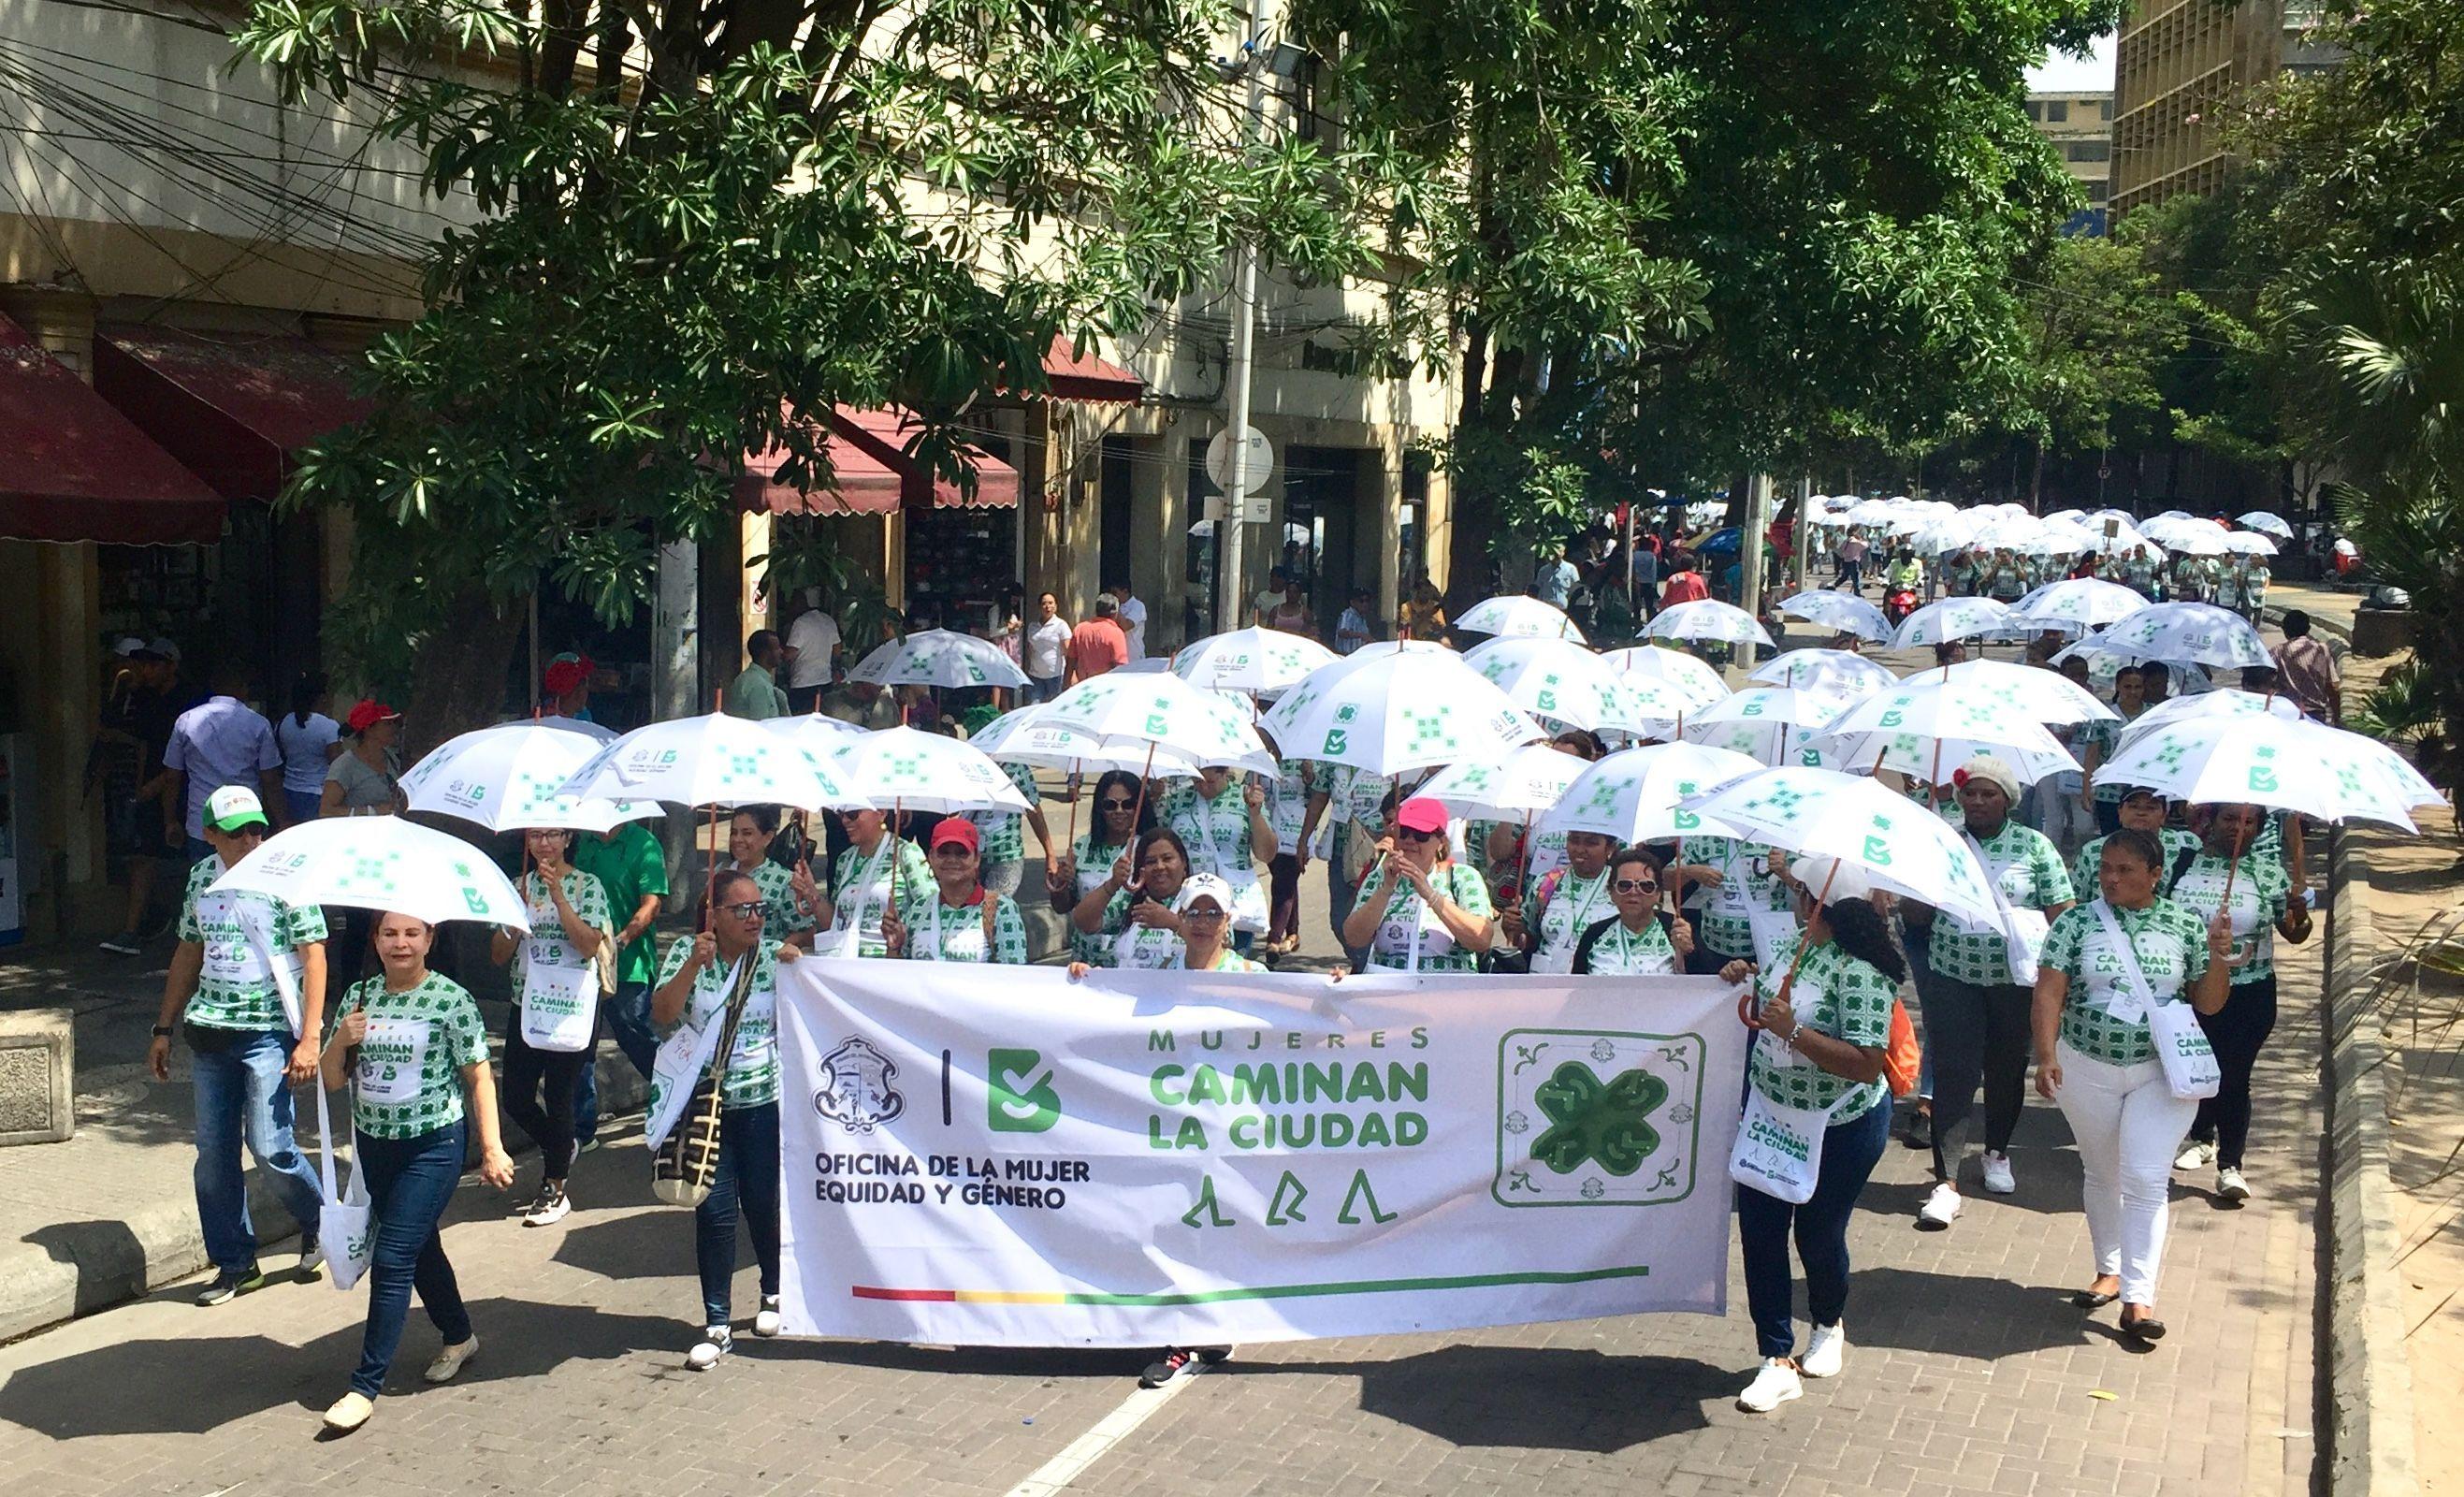 Una gran marcha de paraguas blancos se tomó el Paseo Bolívar, desde las cinco las localidades Barranquilla, con 'Las Mujeres Caminan la Ciudad', una iniciativa de la Oficina de la Mujer, Equidad y Género que fomenta la participación e integración social